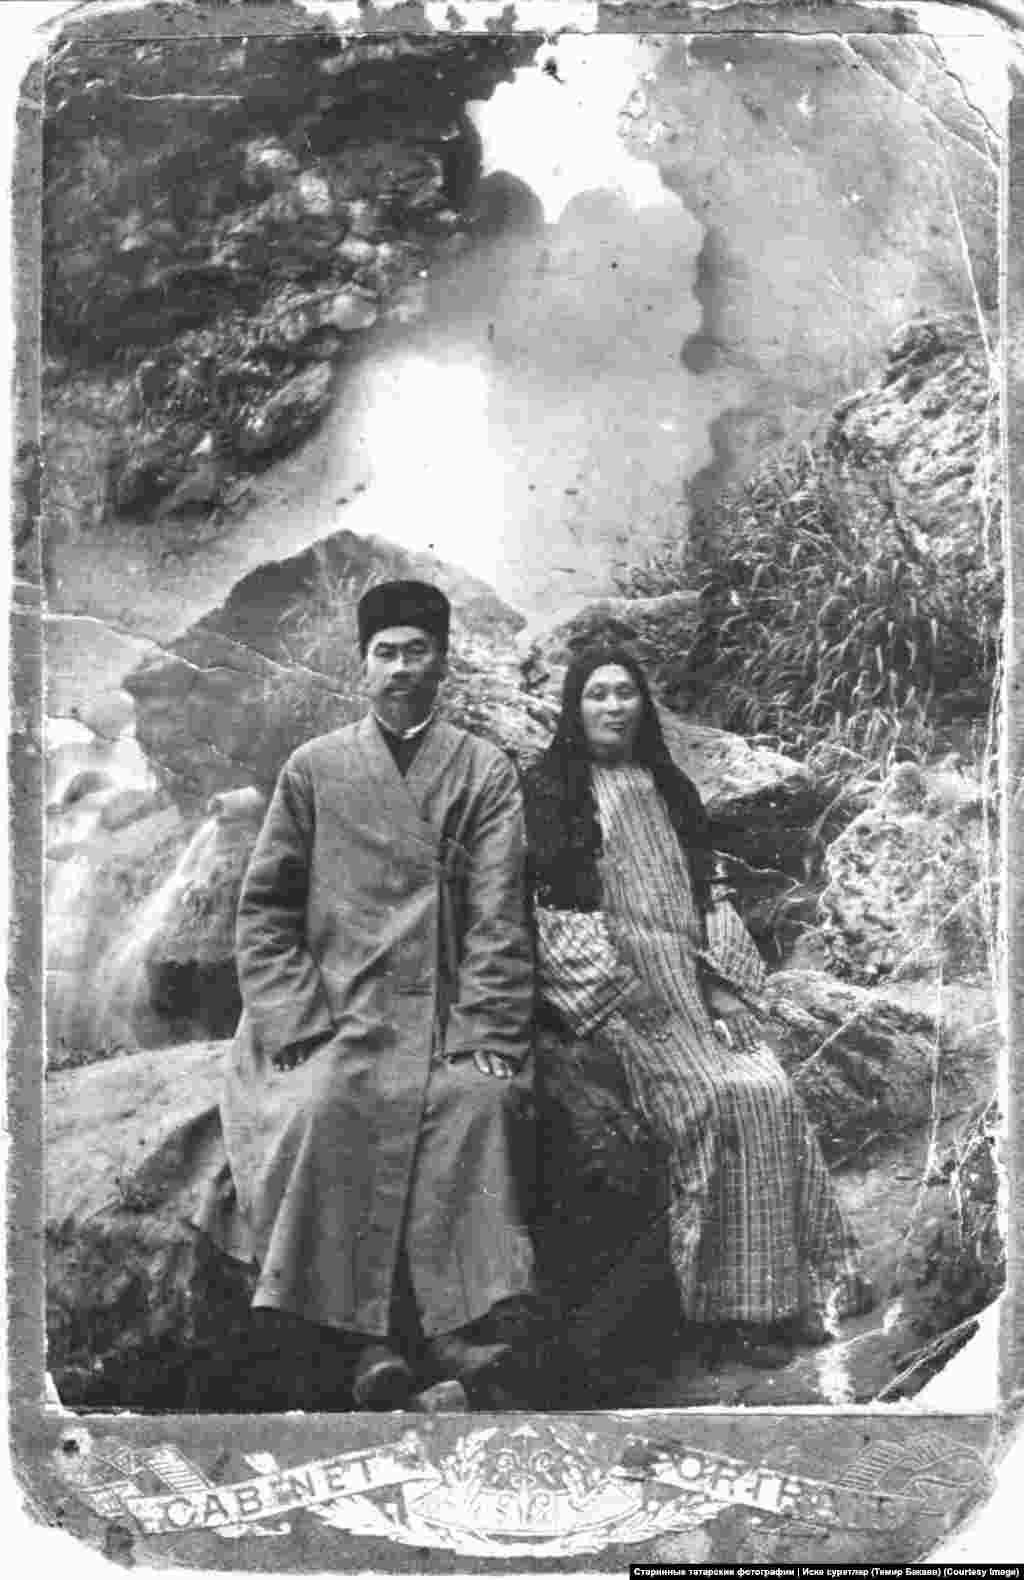 Некоторые подписчики присылают фотографии с полными историями своей семьи, а кто-то даже не уверен, как зовут людей на фото На фото – Гали и Фатима Абдуллаевы, родственники Темира Бакаева. Фото без даты